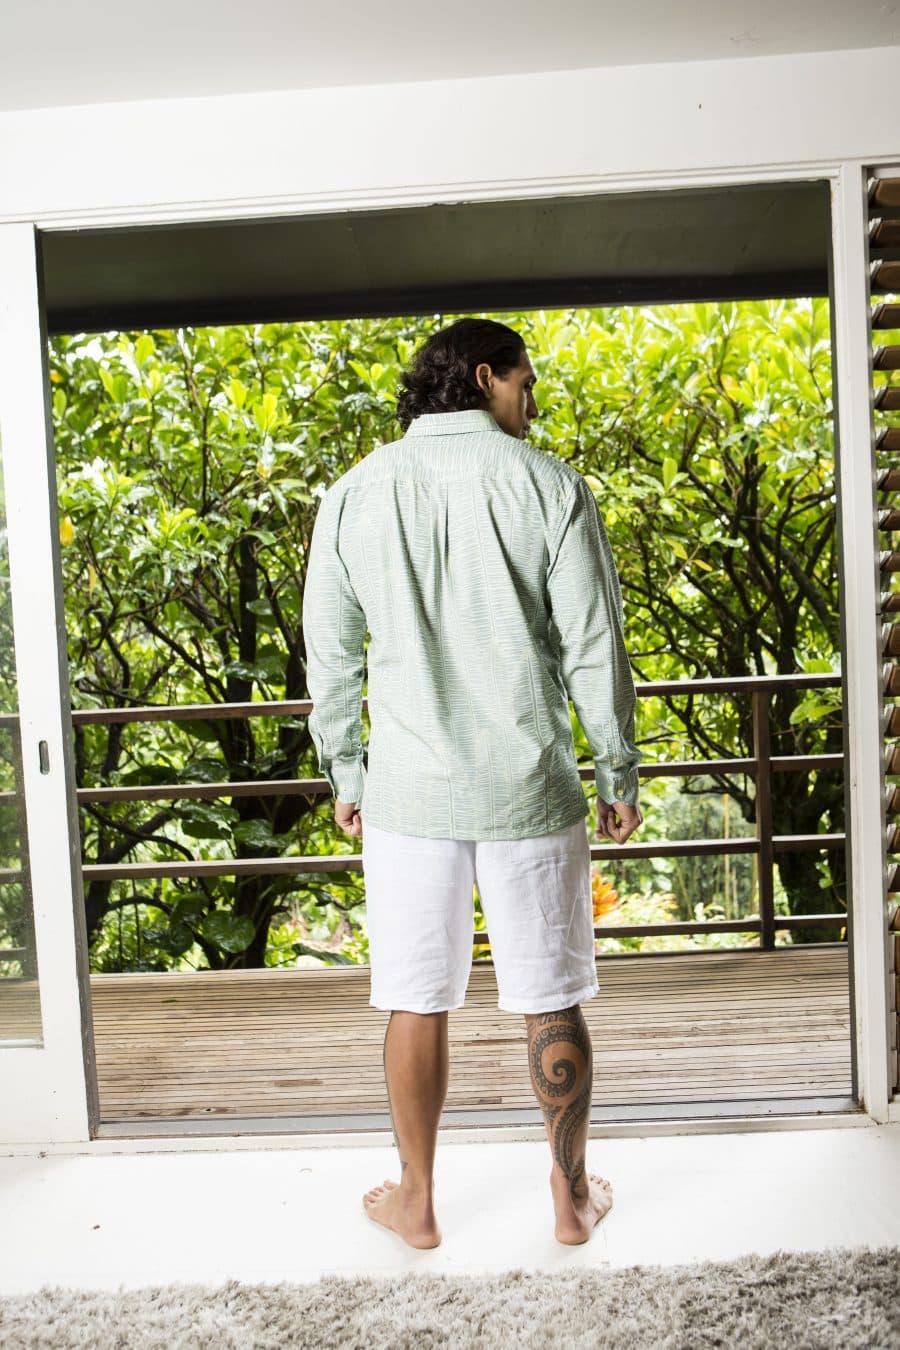 Male Model wearing Mahalo Shirt in Lily Pad Margarita Kupukupu Pattern Back View